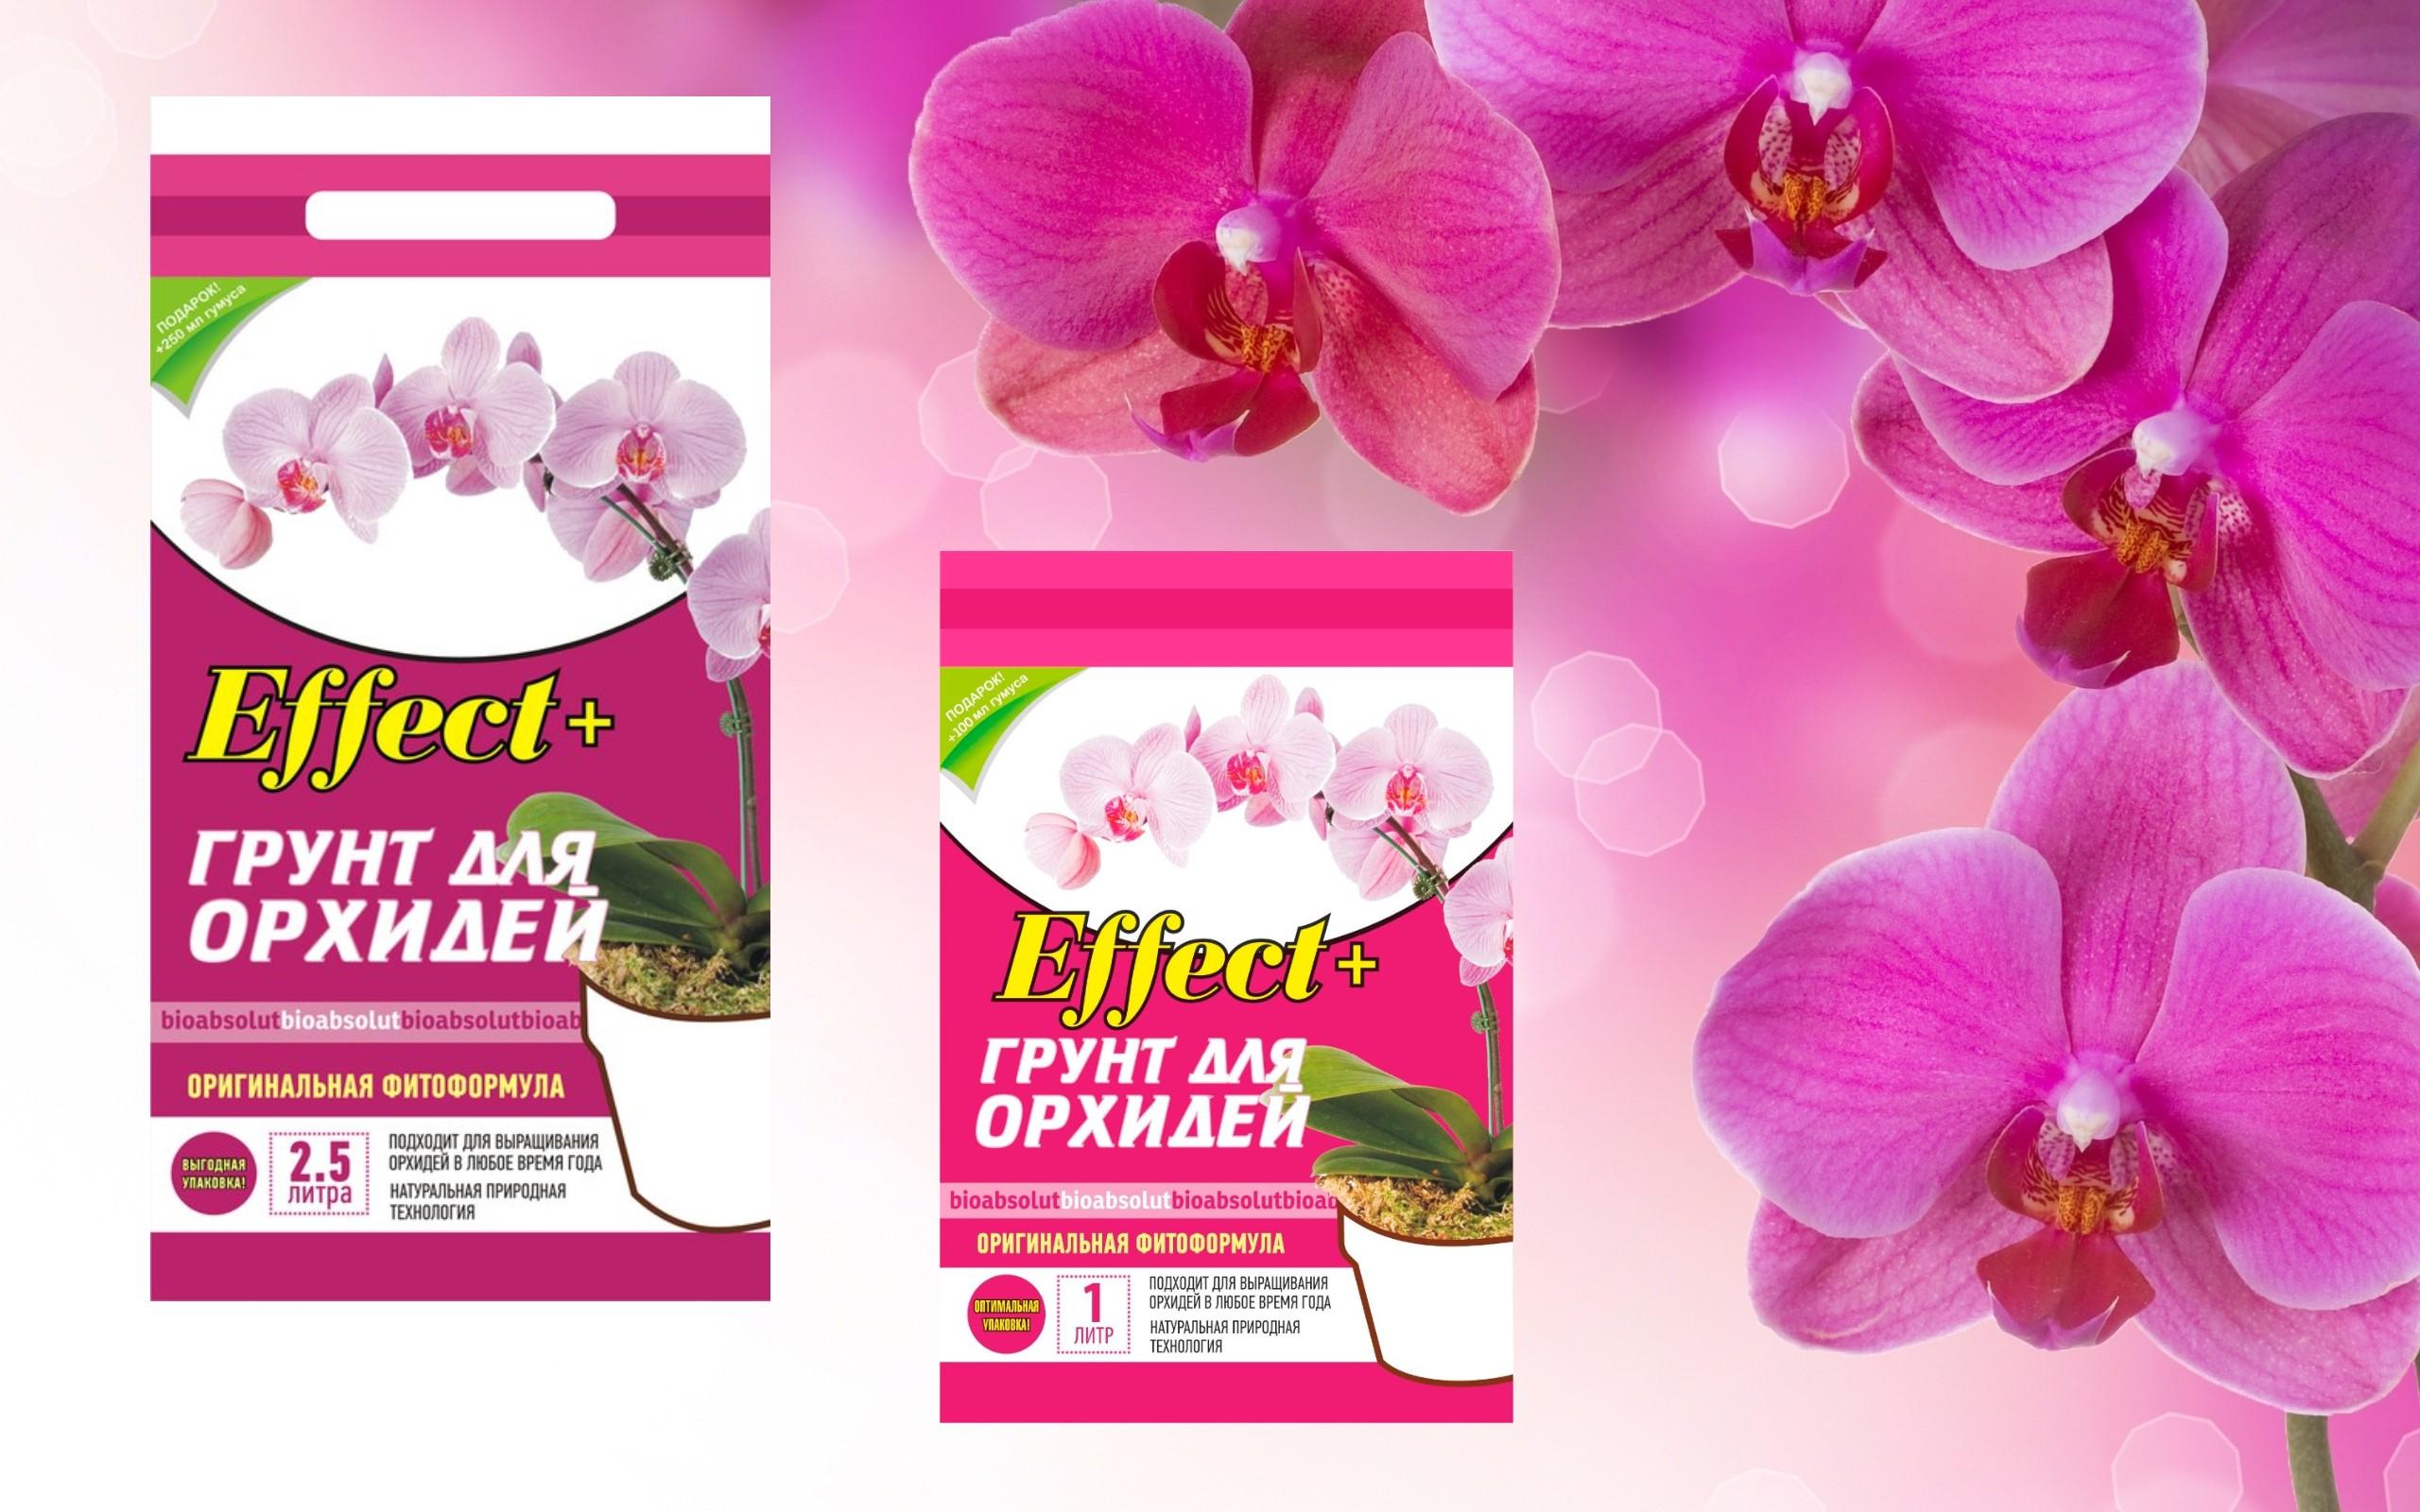 Грунт для выращивания орхидей 17